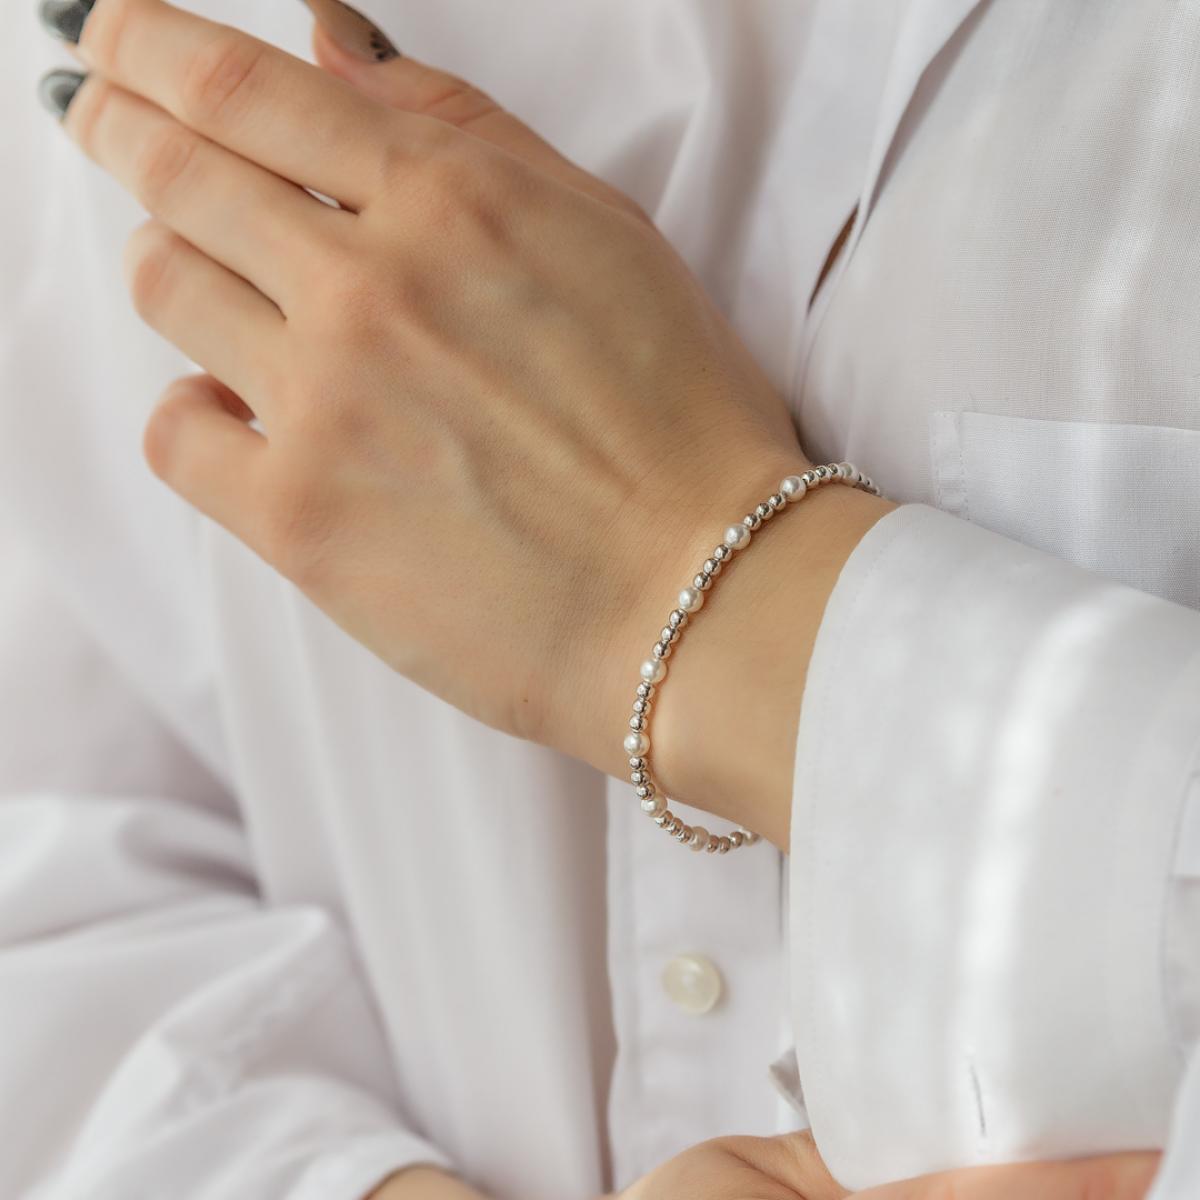 Срібний браслет з перлинами  (розмір 19.5)